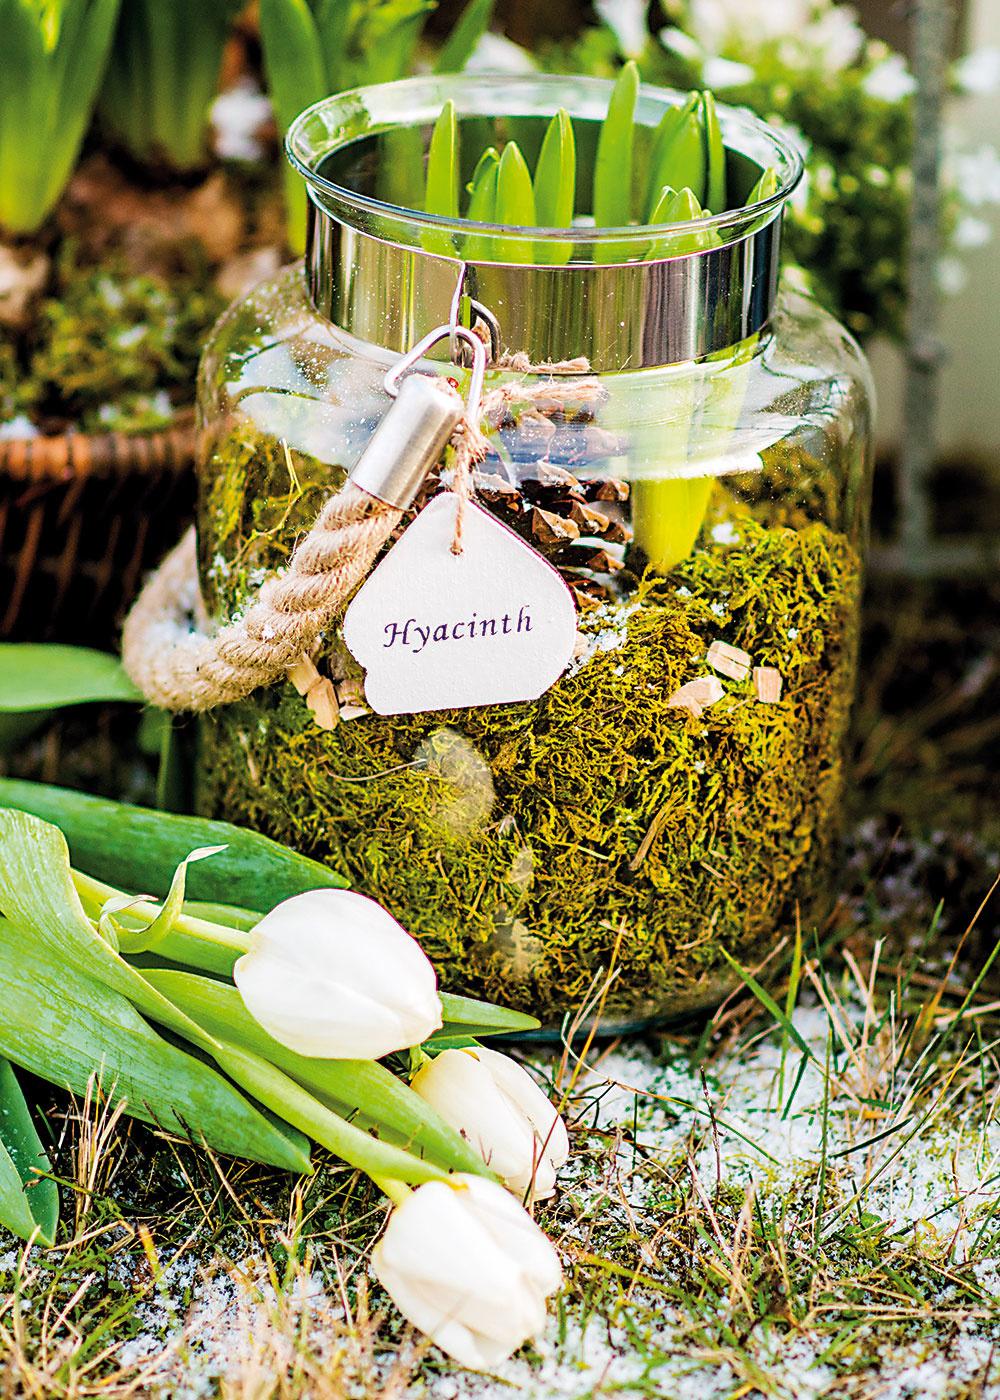 Cibuľové terárium Uložiť cibuľky hyacintov do terária je pomerne jednoduché. Do toho nášho sa zmestili tri cibuľky bielych hyacintov (Hyacinthus). Výroba je veľmi jednoduchá. Stačí na dno nasypať aspoň päťcentimetrovú vrstvu zeminy apoukladať mach. Ten treba umiestniť po bokoch anavrchu tak, aby nebolo vidieť zeminu.